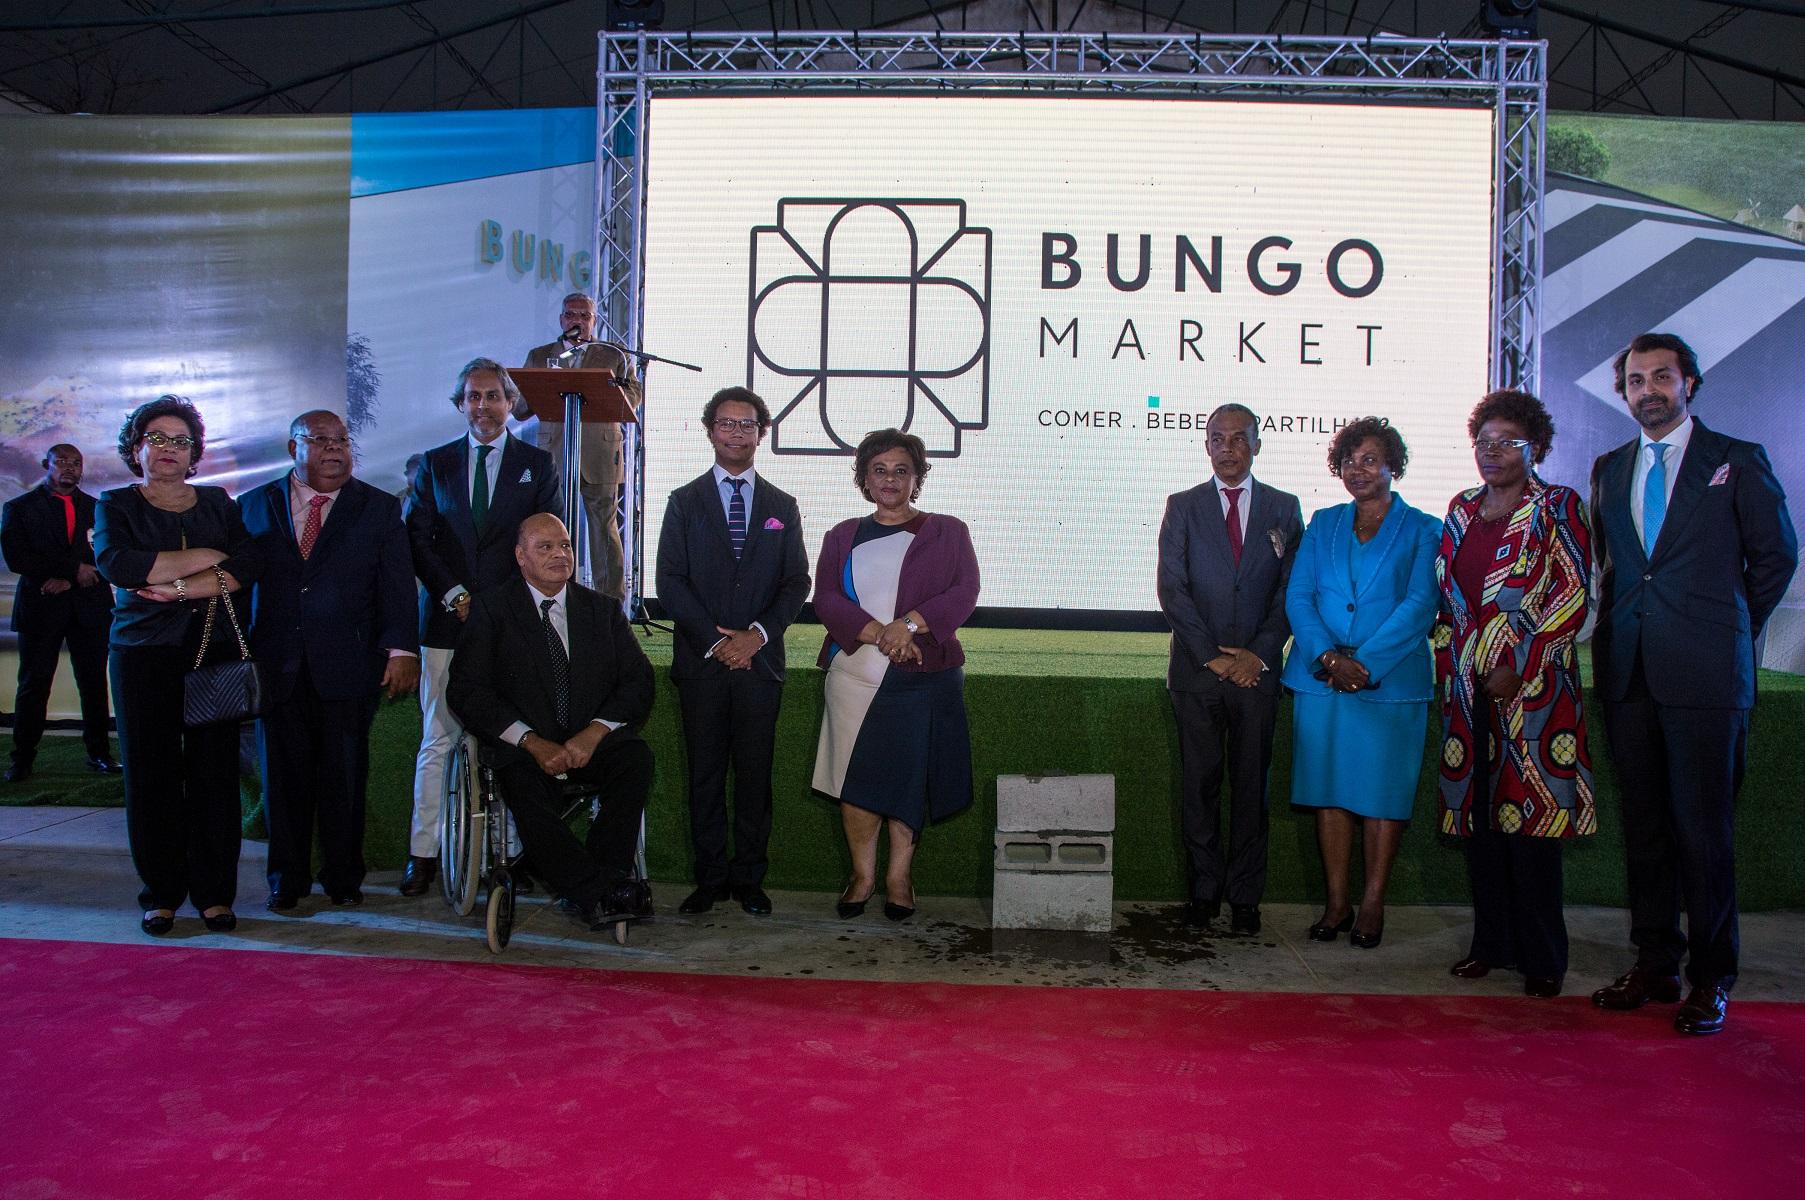 Lançada primeira pedra do Bungo Market